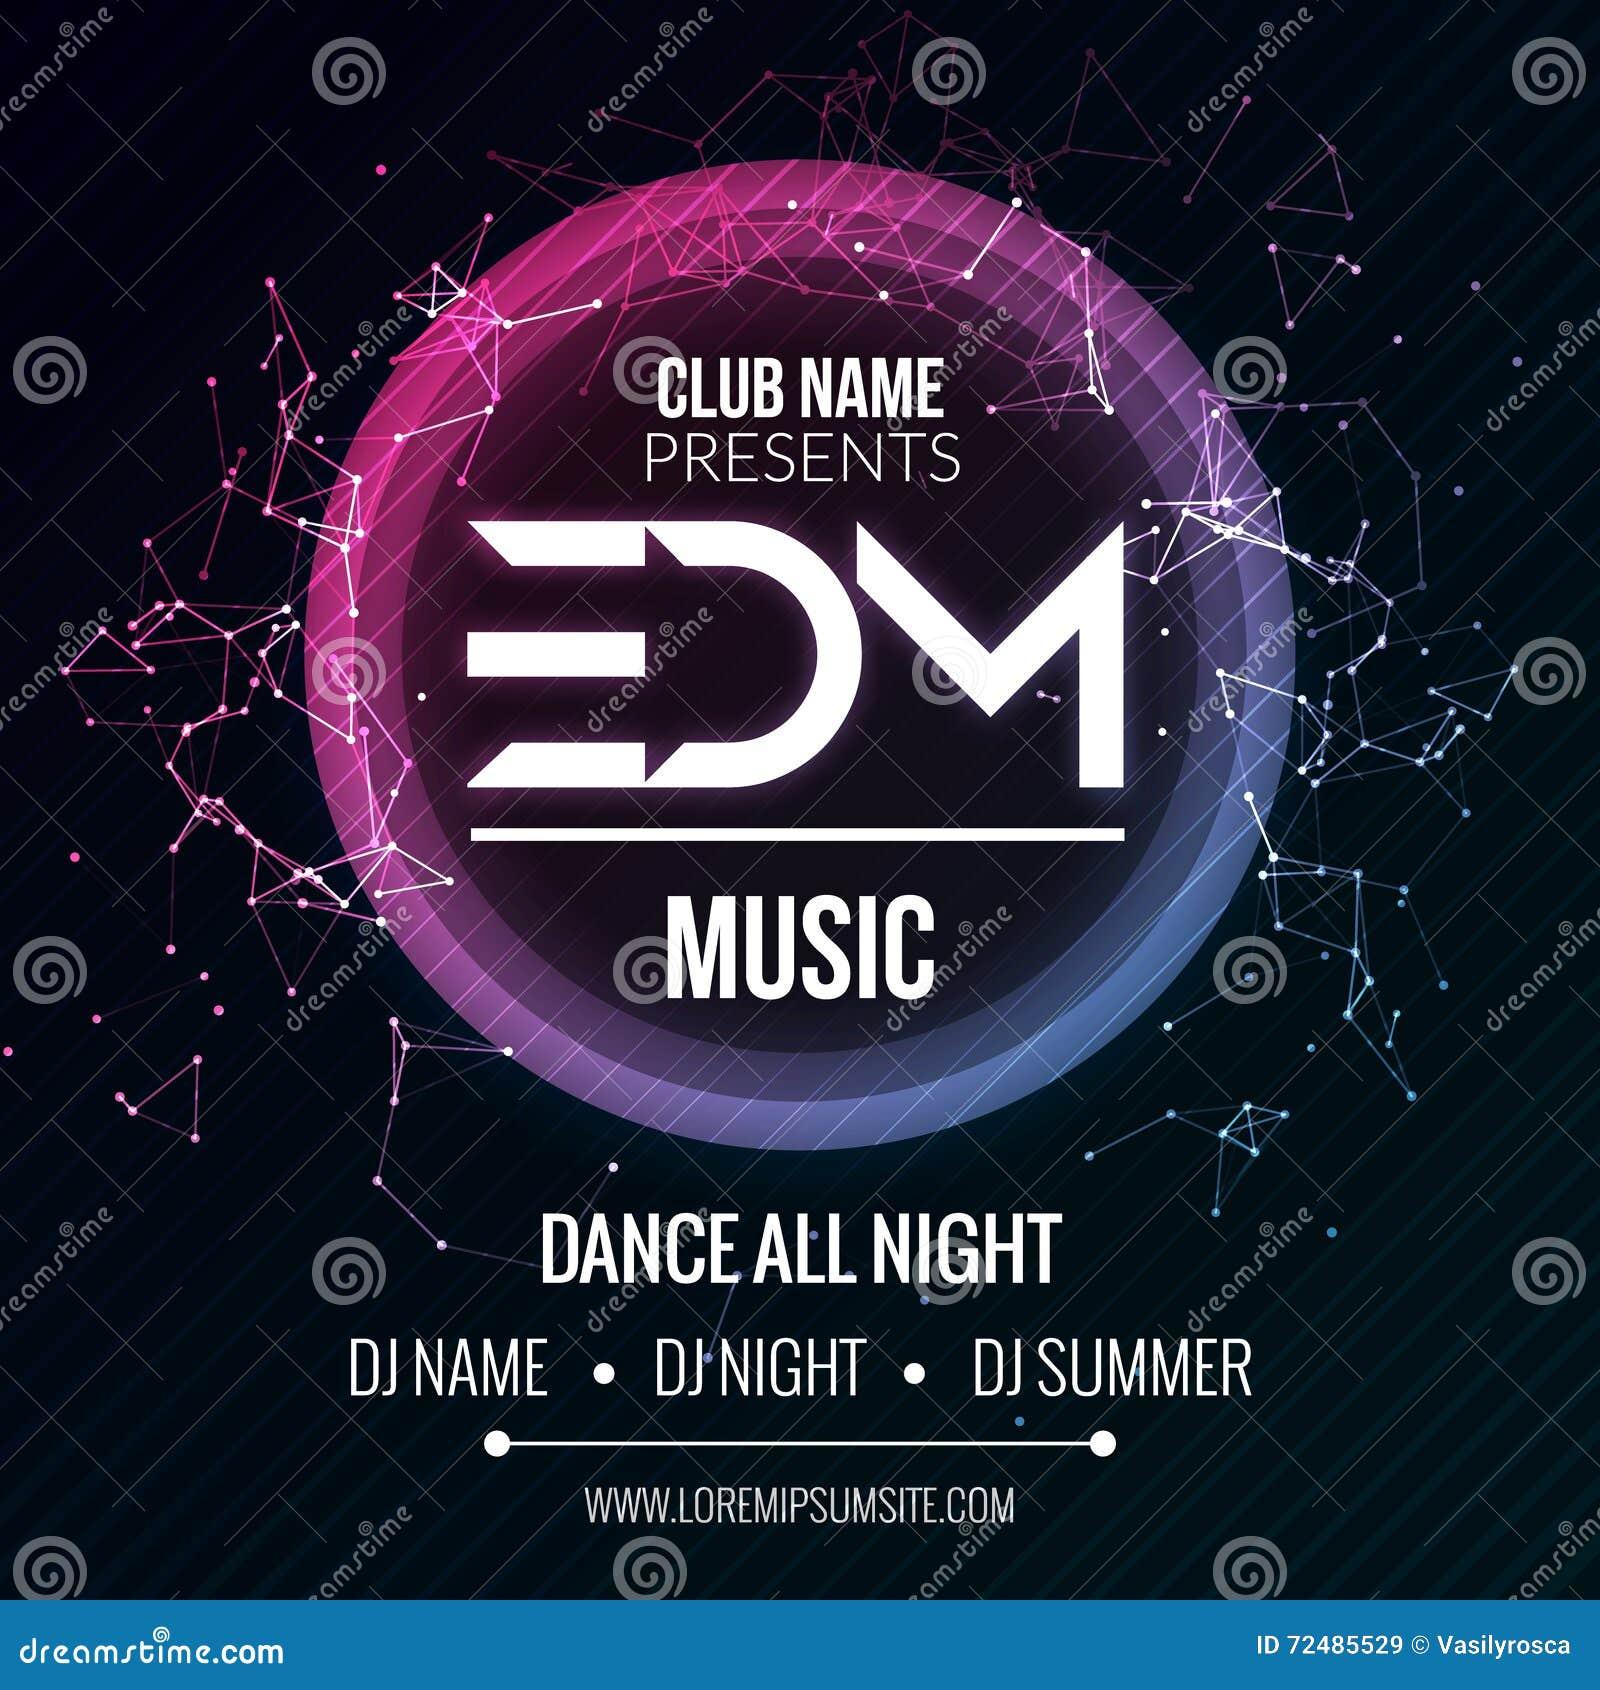 Πρότυπο κόμματος μουσικής λεσχών EDM, ιπτάμενο κόμματος χορού, φυλλάδιο Υγιής αφίσα εμβλημάτων λεσχών κόμματος νύχτας